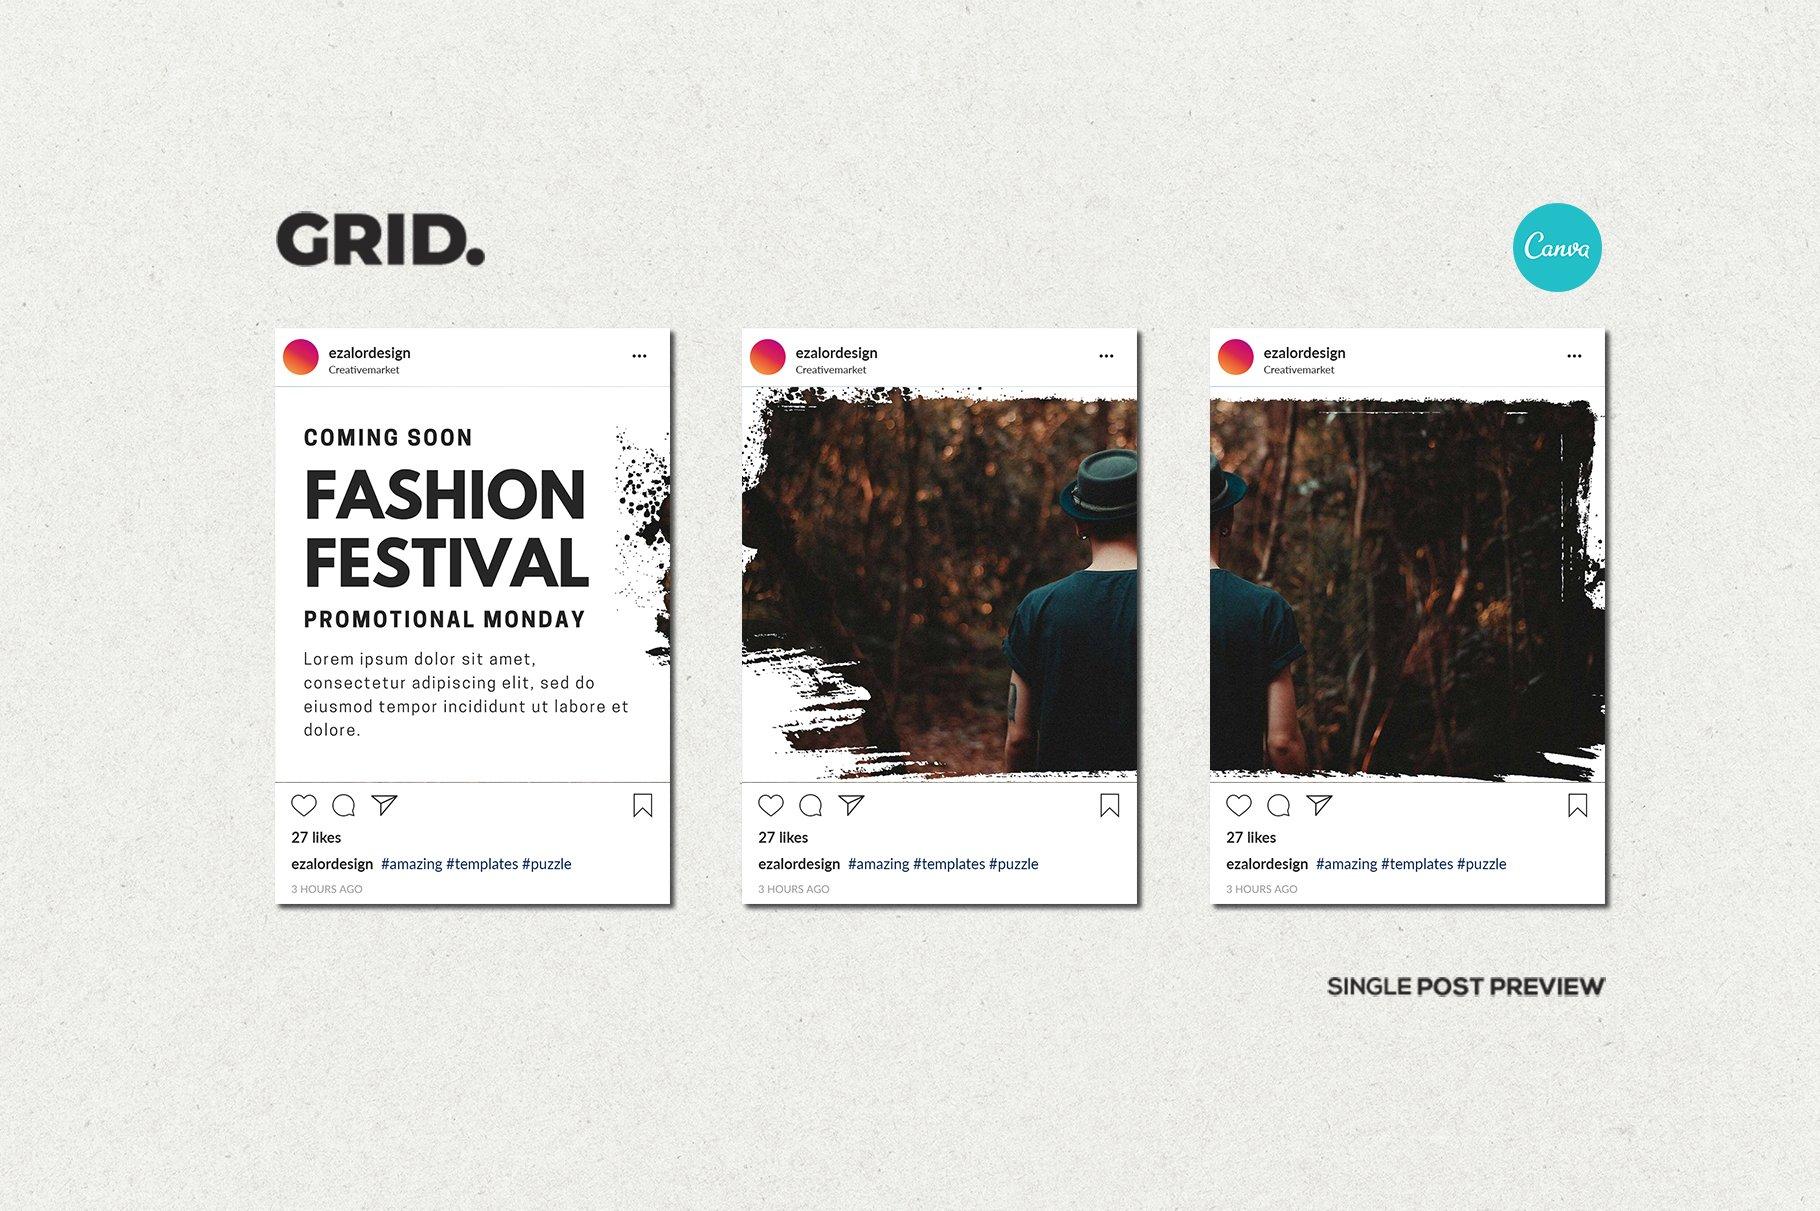 毛笔笔刷效果新媒体电商海报设计PSD模板 Agenda Insta Grid (Triple Posts)插图(12)